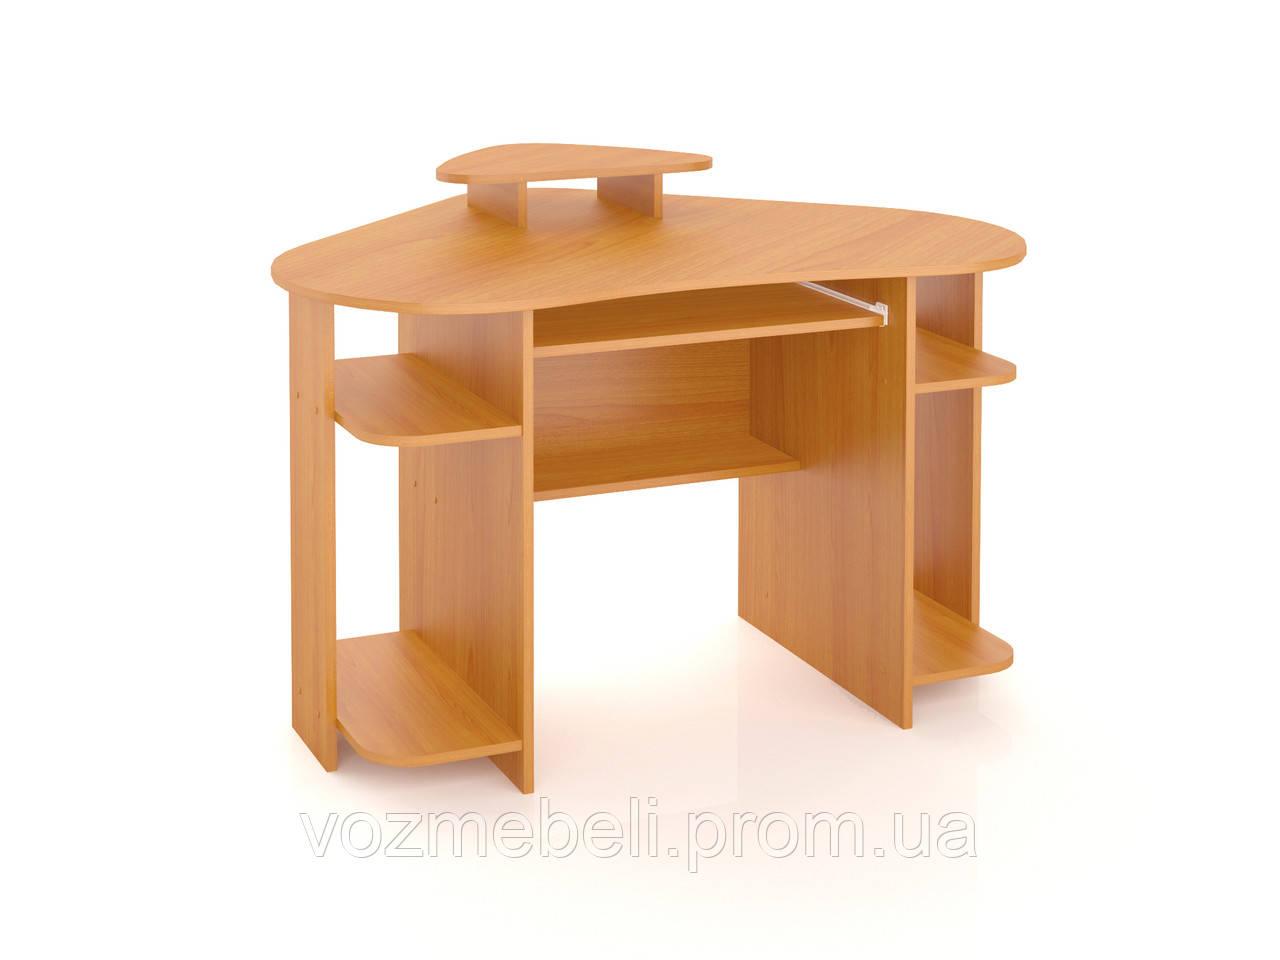 Арт стол СК-206